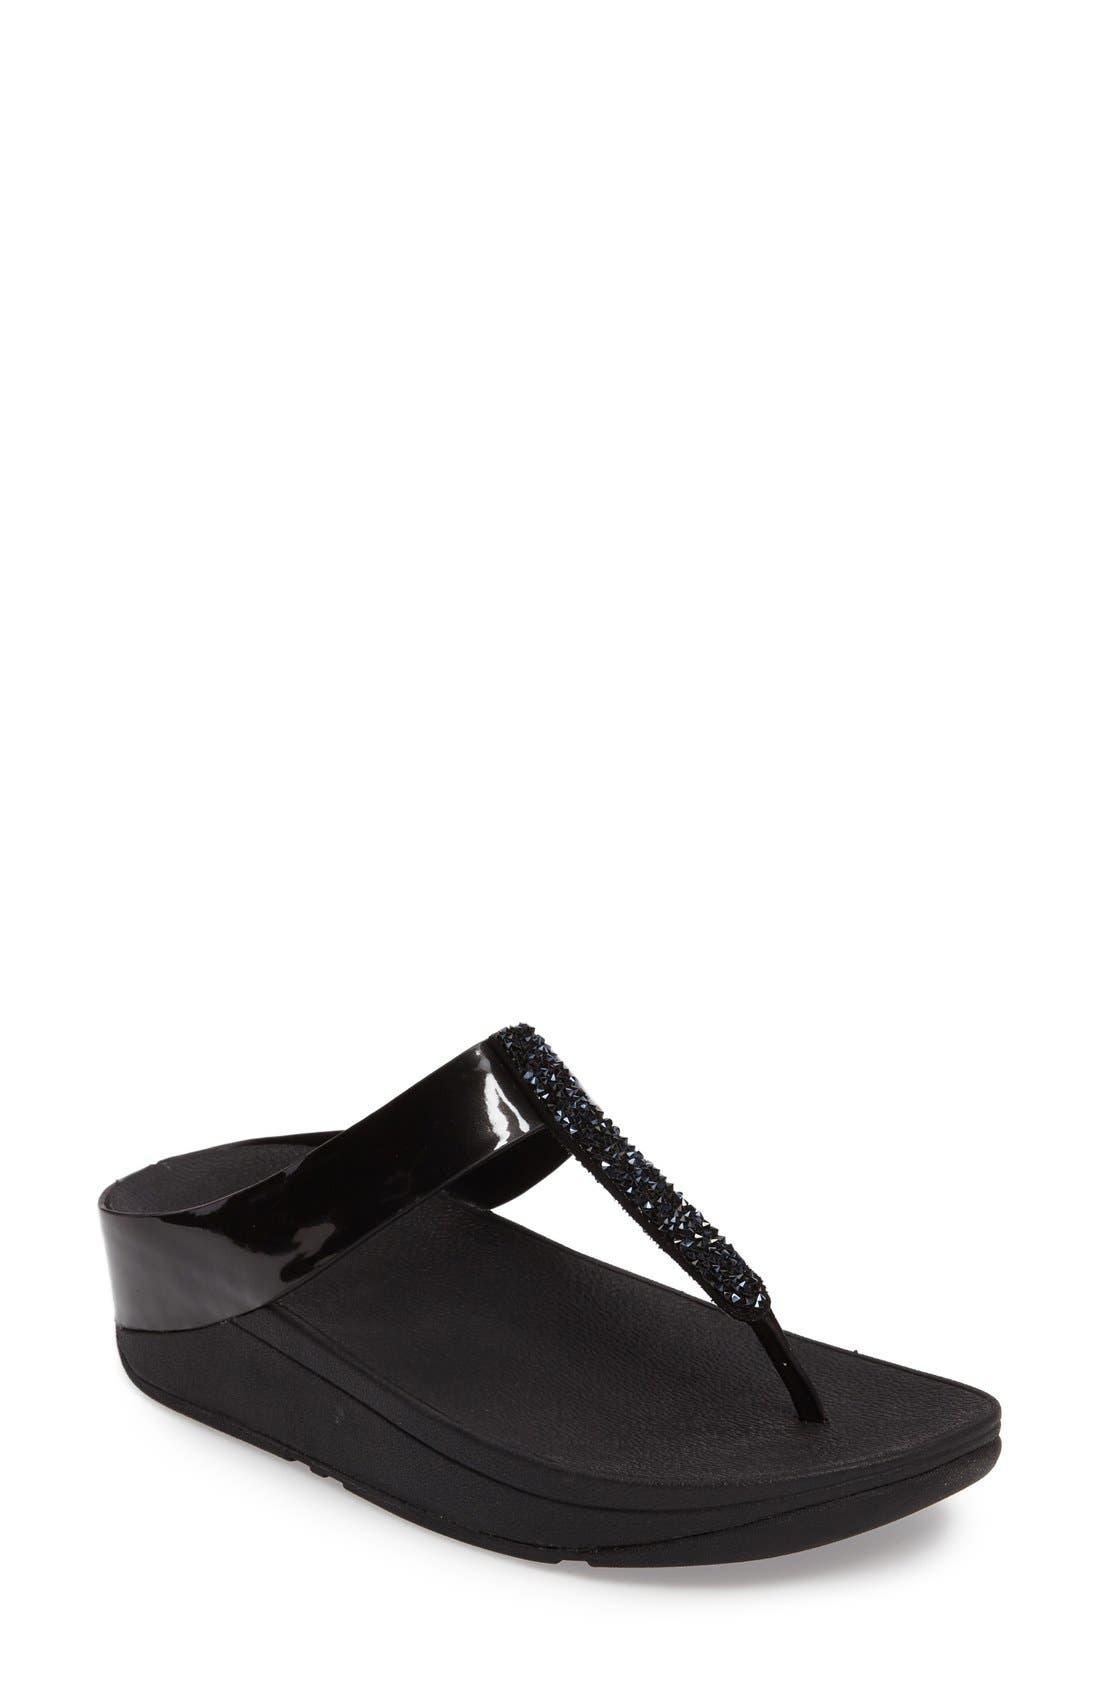 Main Image - FitFlop™ Fino Flip Flop Sandal (Women)